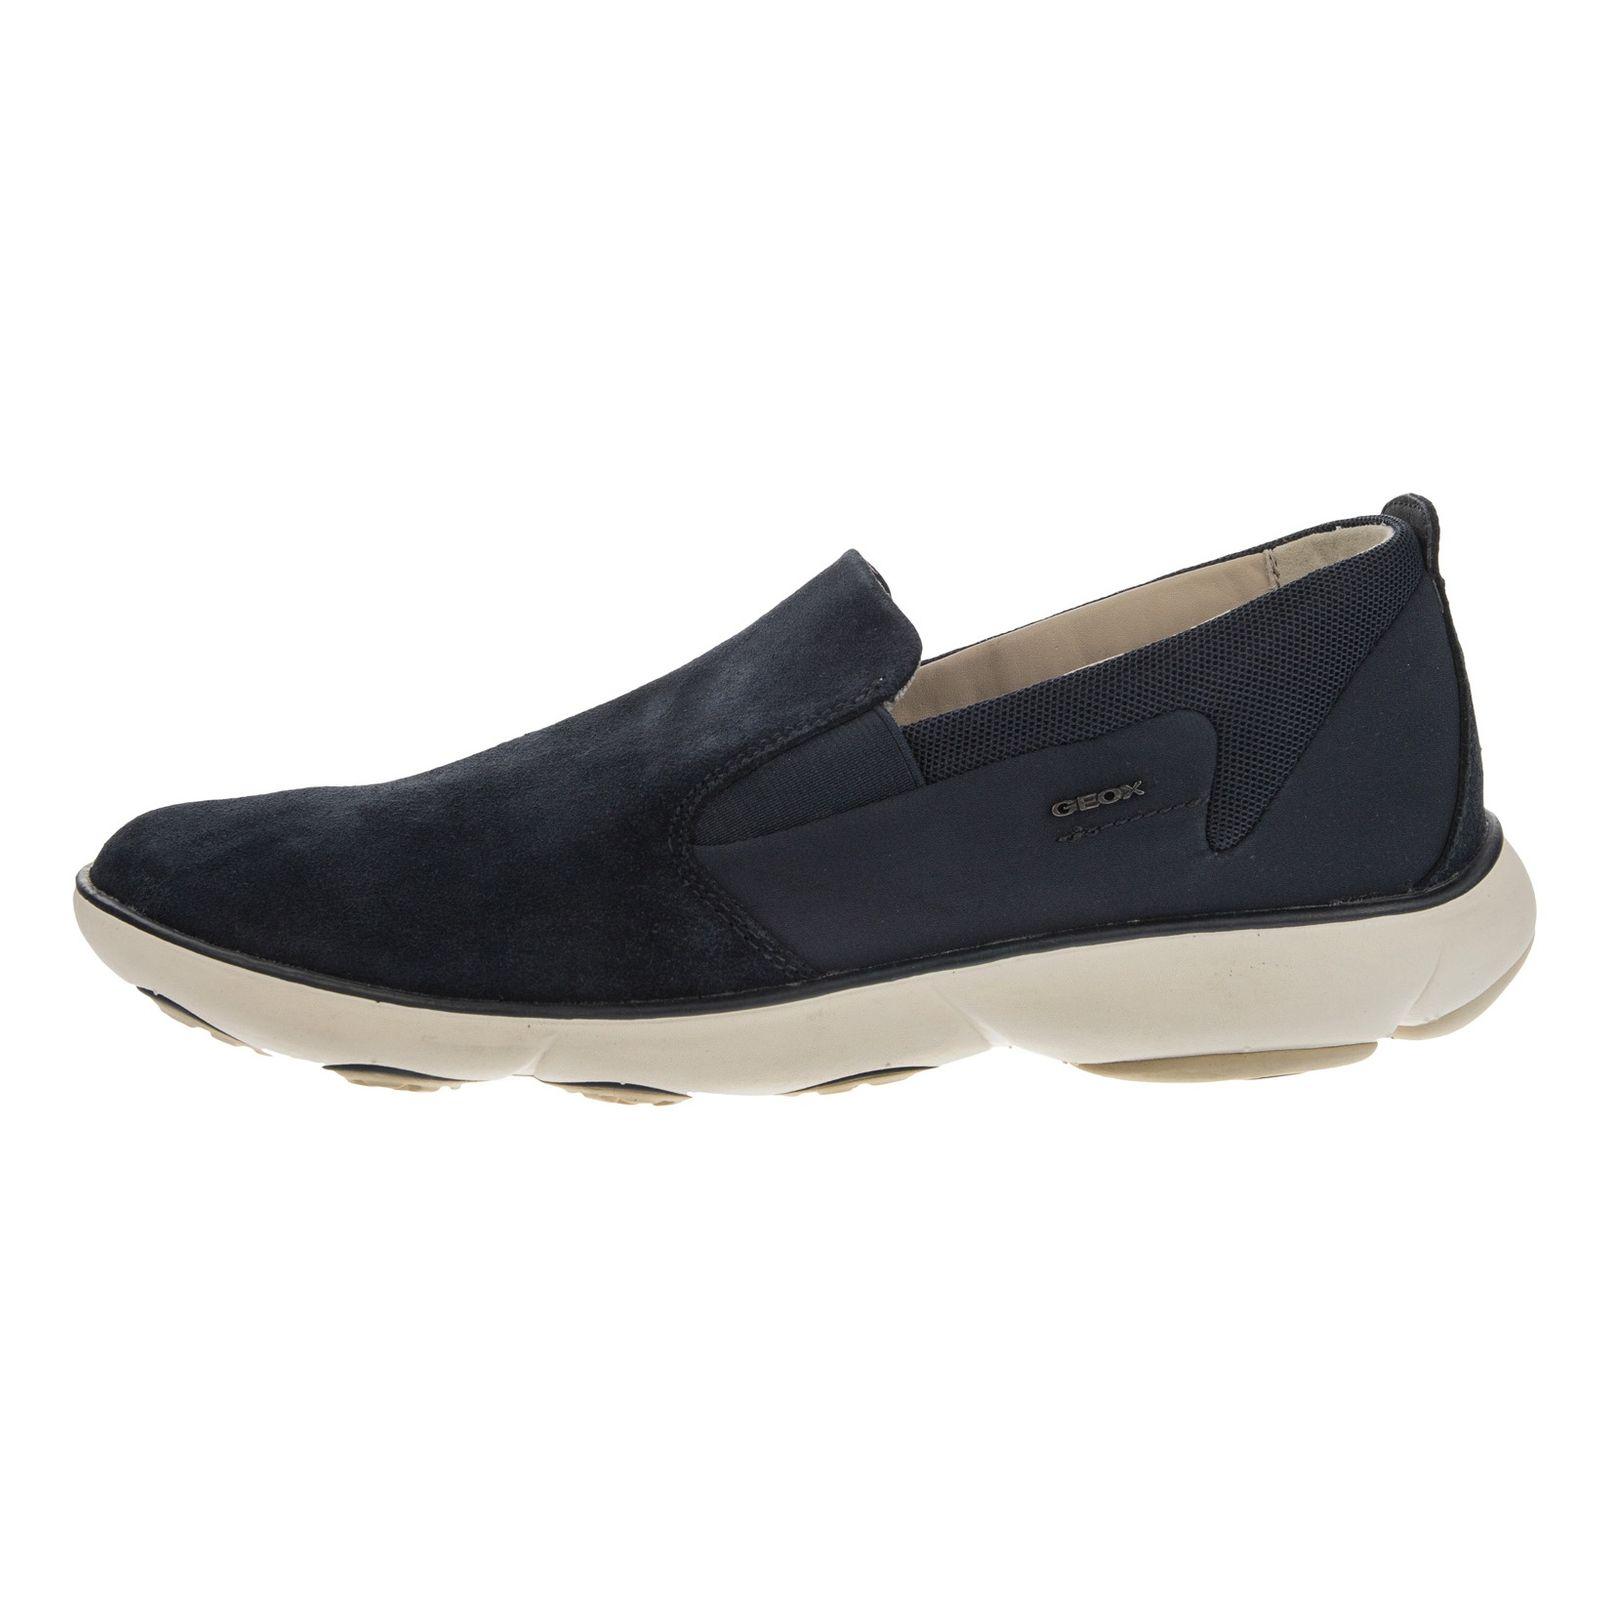 کفش روزمره مردانه جی اوکس مدل U82D7E-02211-C4002 -  - 1